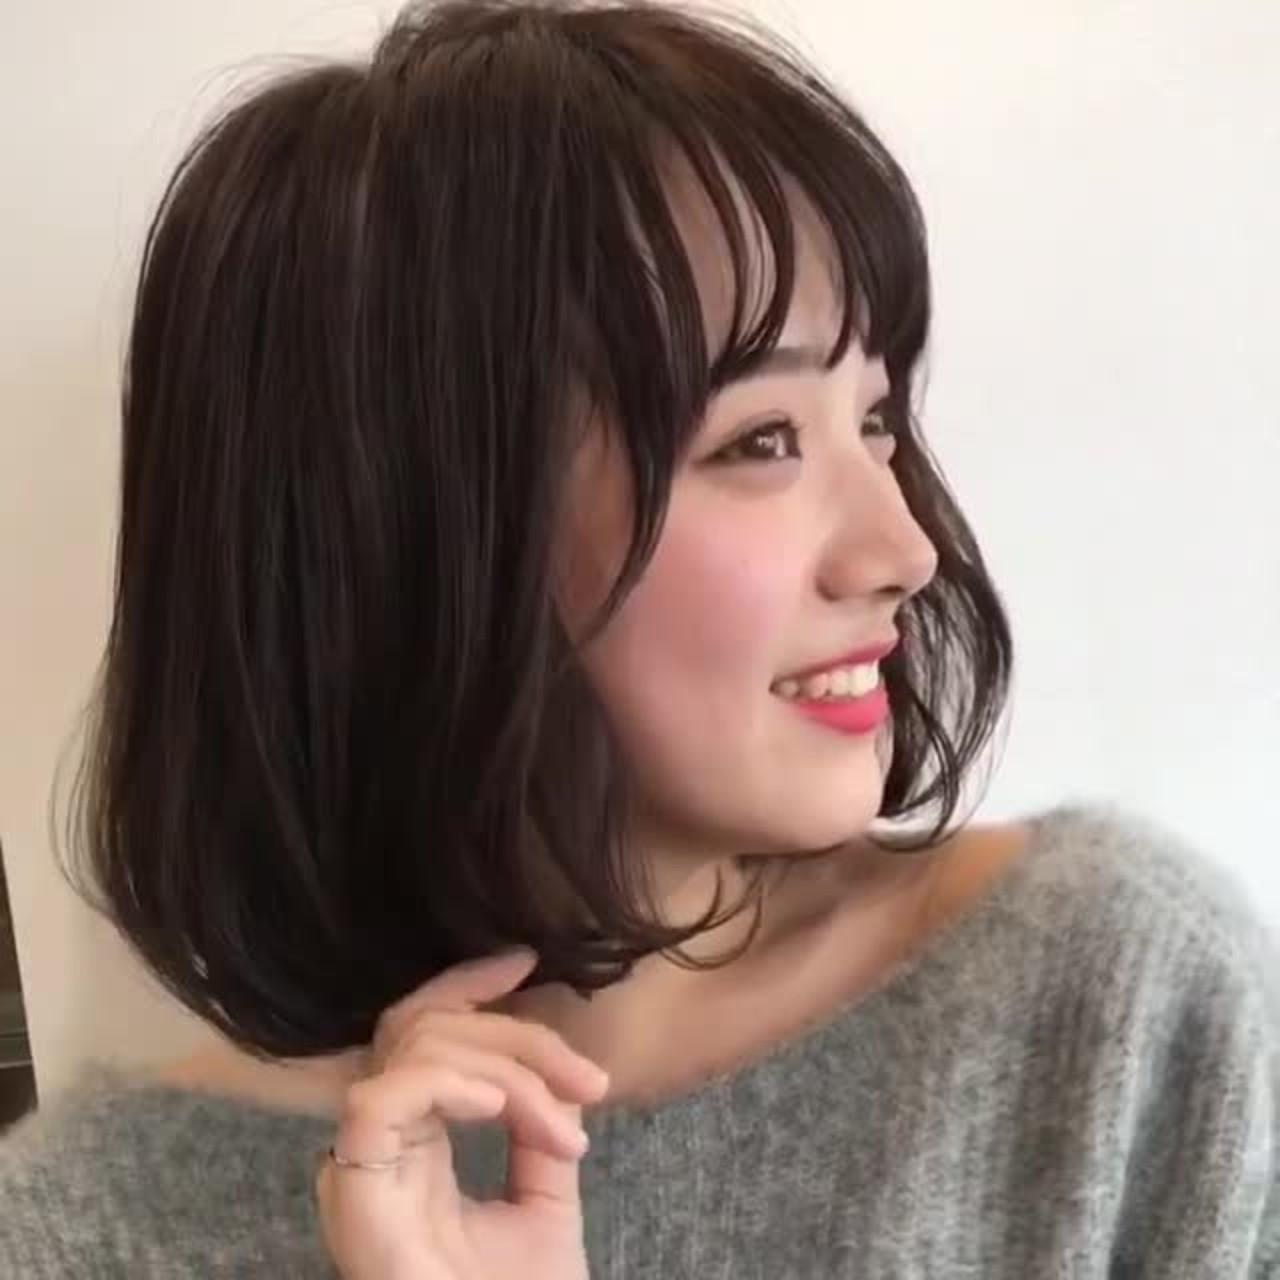 毛先のふんわりカールでフェイスラインカバー GARDEN harajyuku 細田 | GARDEN harajyuku